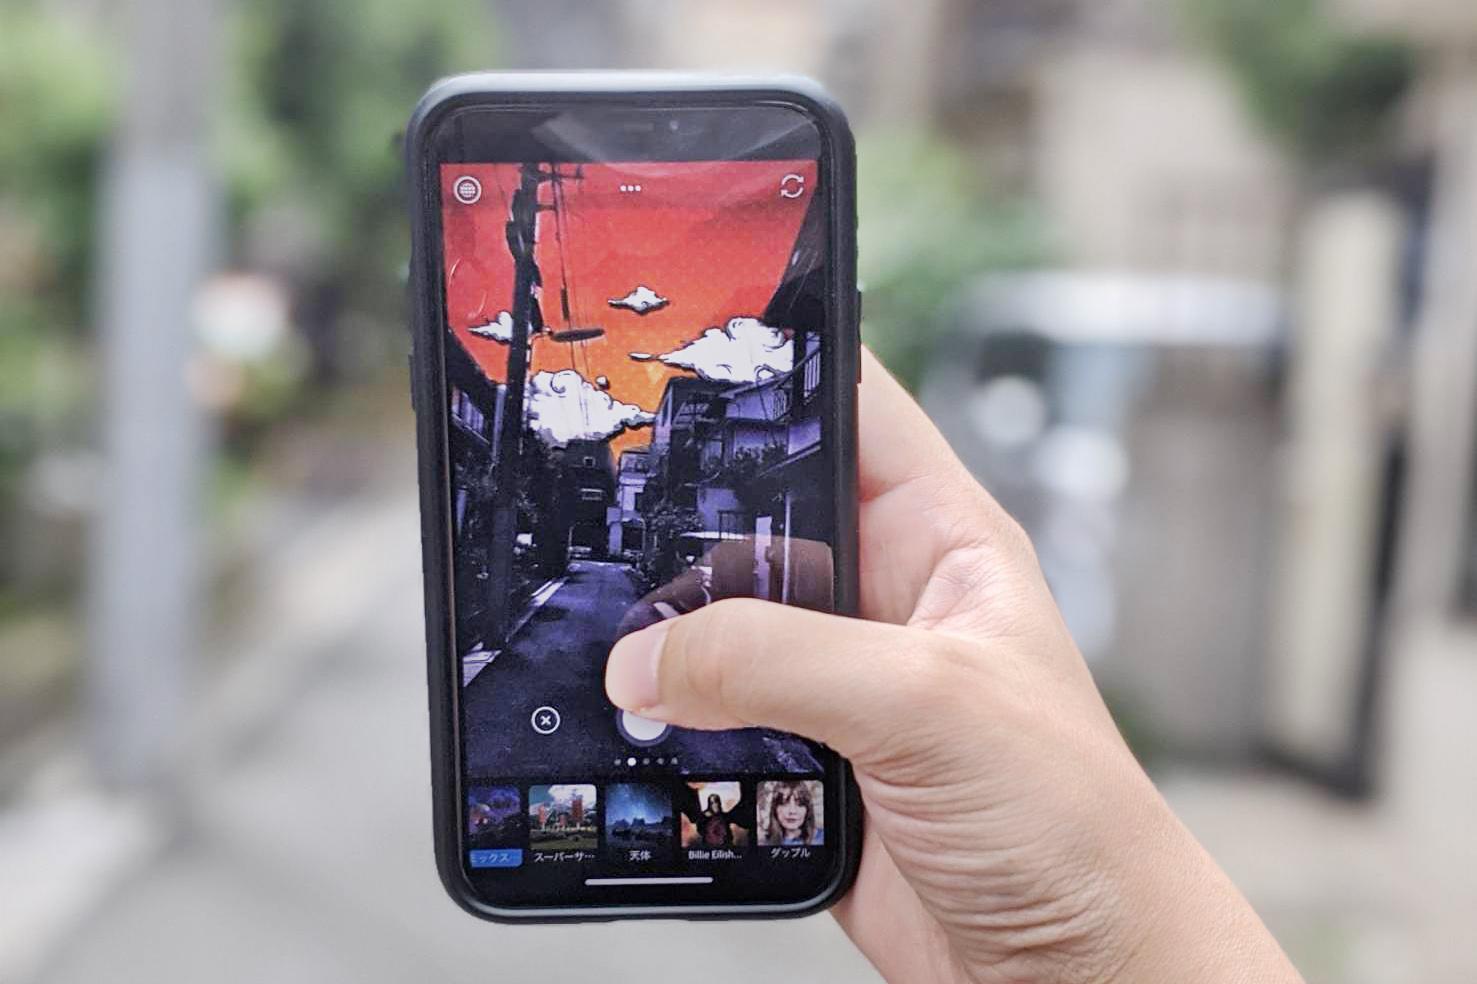 映える写真が撮れるアプリ「Photoshop Camera」のレンズフィルター機能が優秀すぎる!